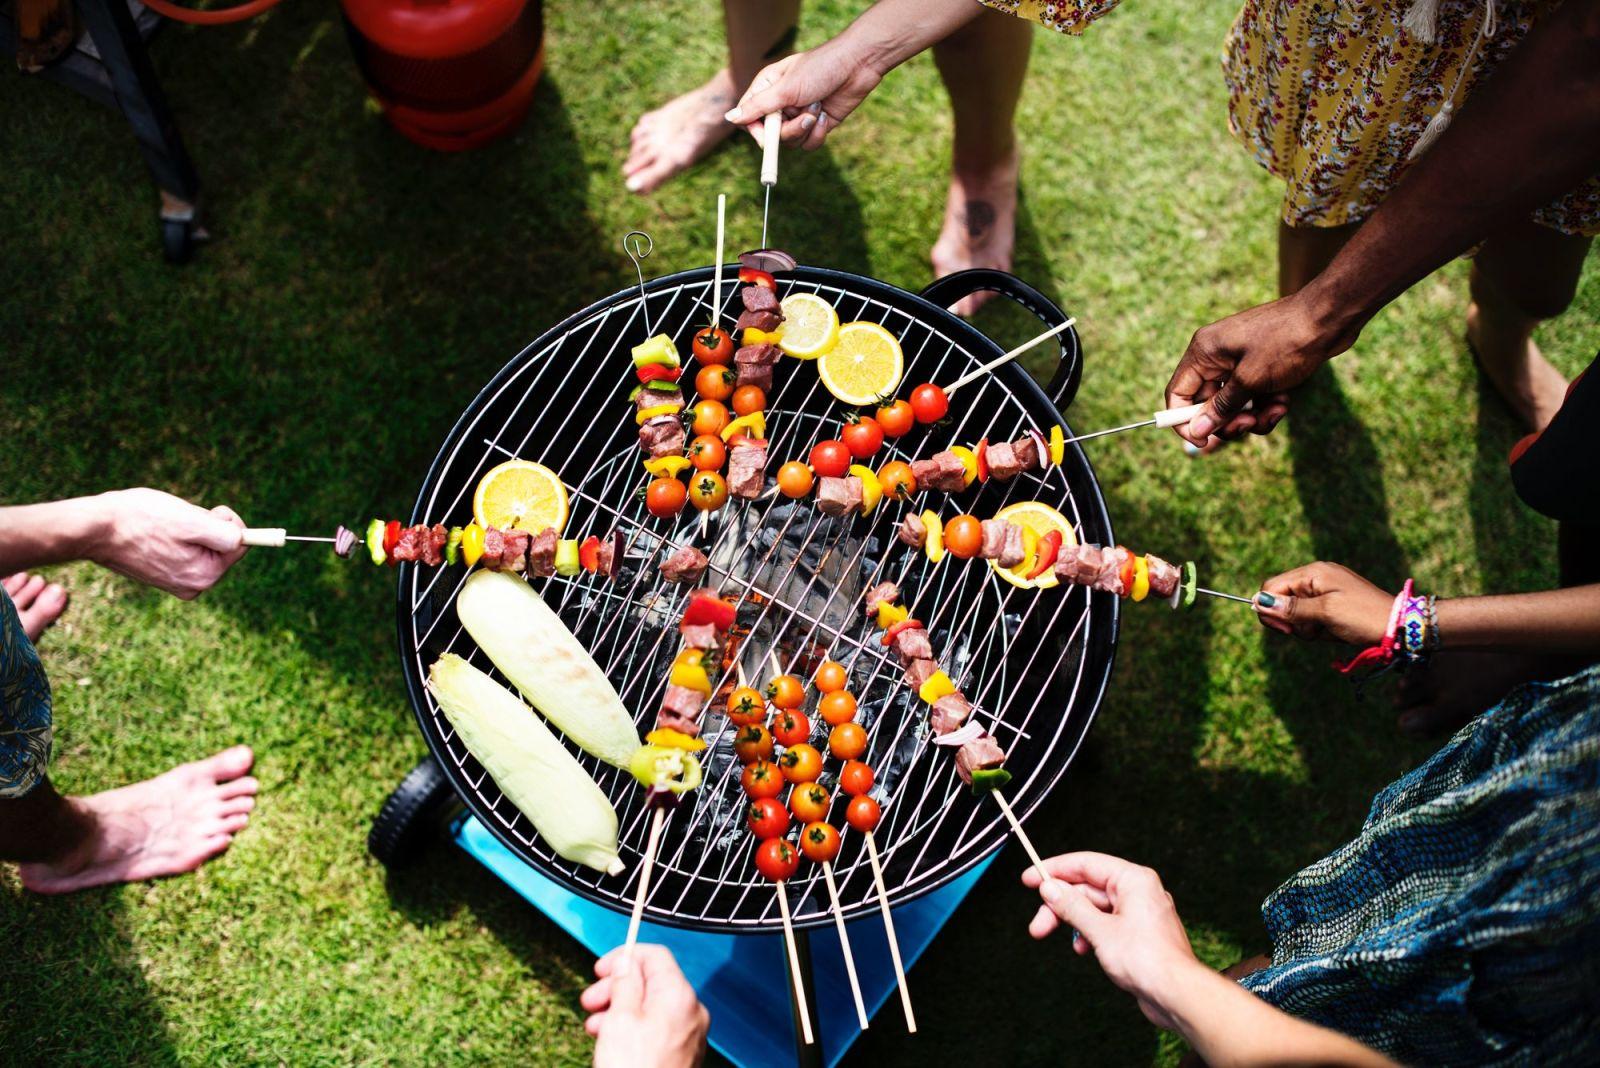 Garden party – velkolepá akce, přátelské posezení nebo koncert jazzové hudby?